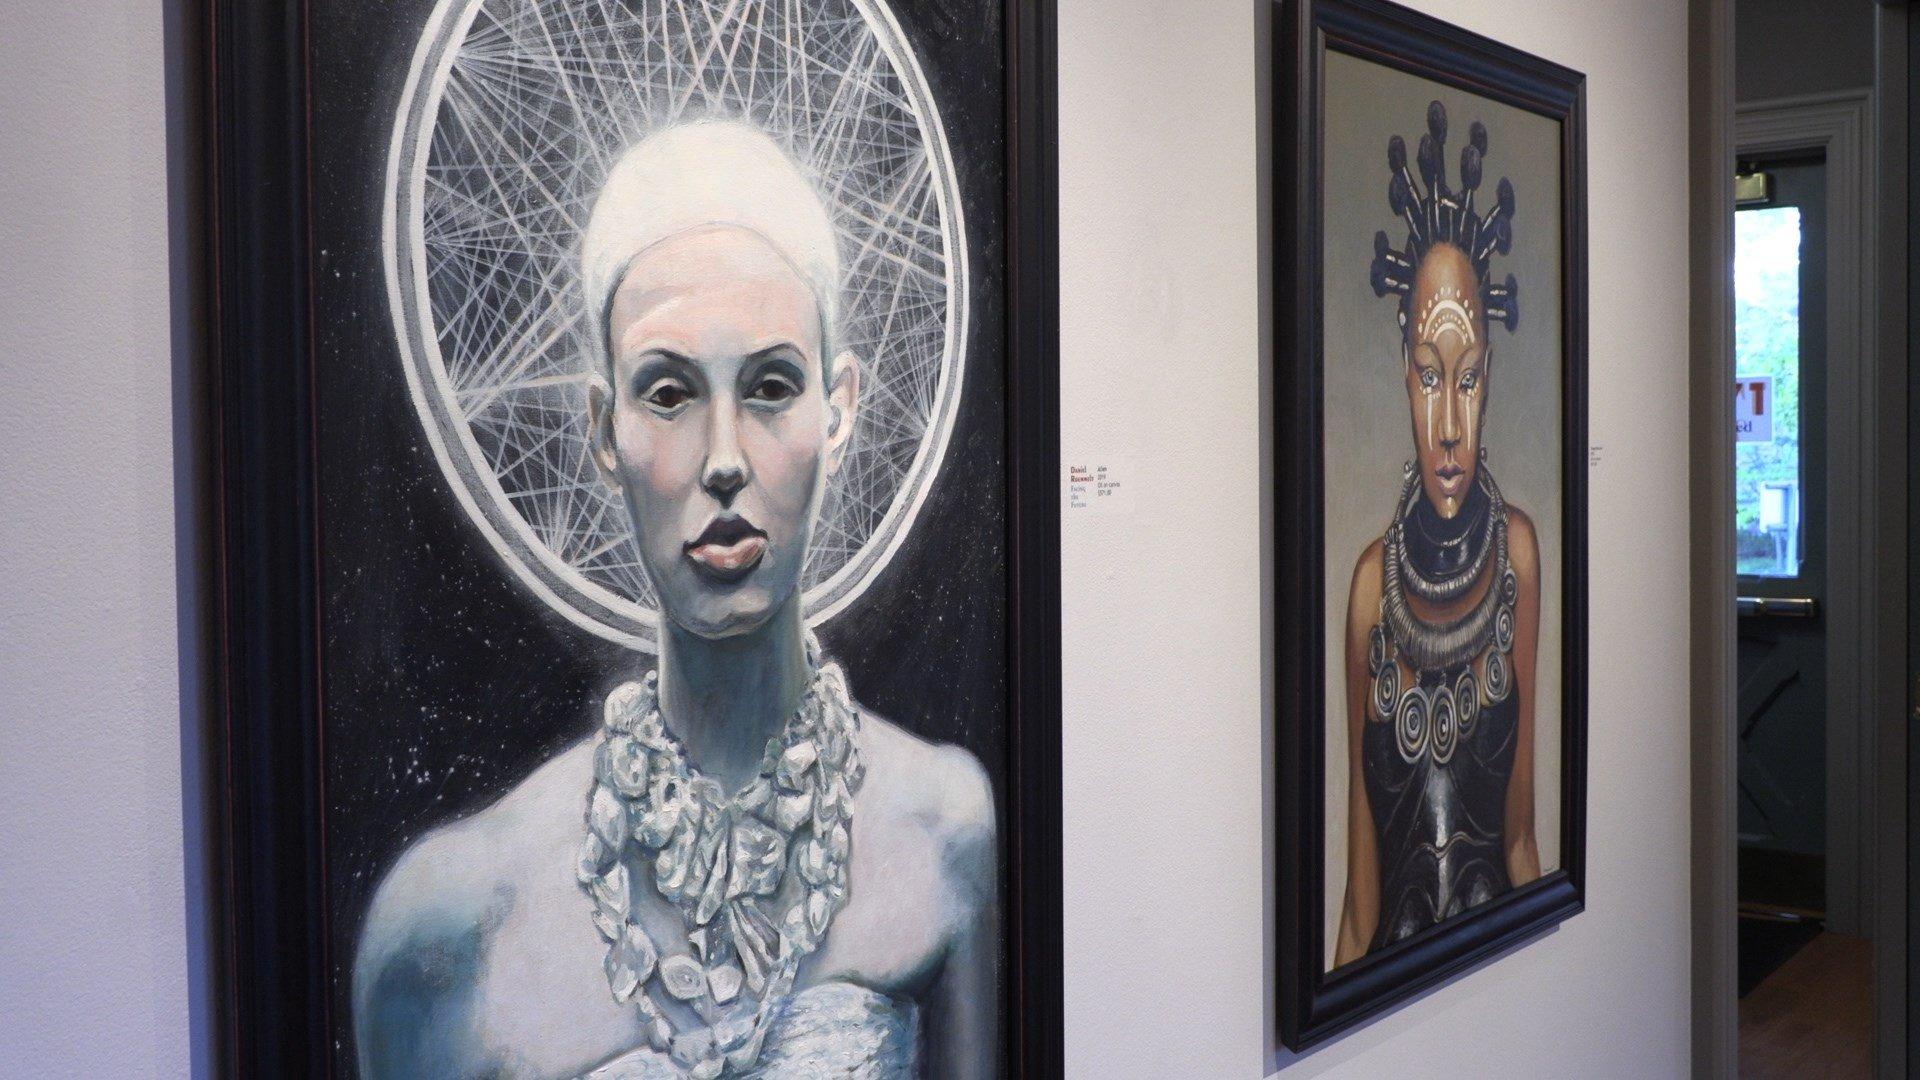 Retired art teacher launches unique art exhibit at 171 Cedar Arts